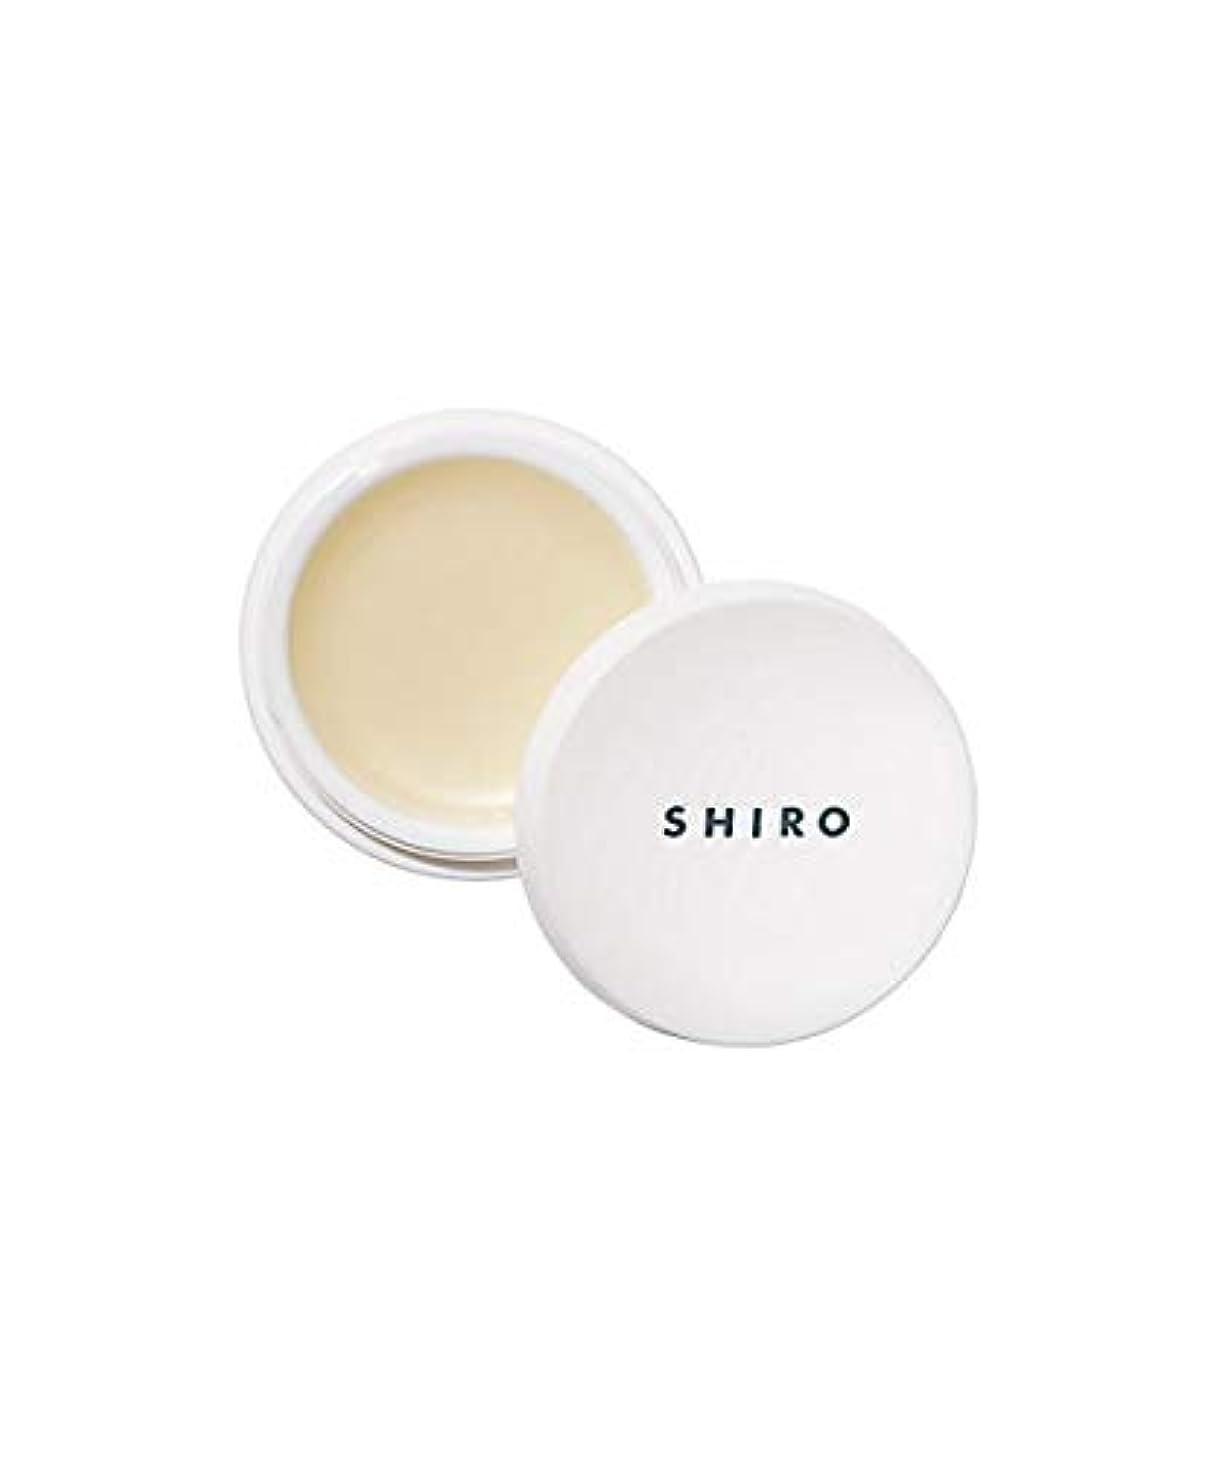 意気揚々消費者巨大なshiro white lily ホワイトリリー 練り香水 12g